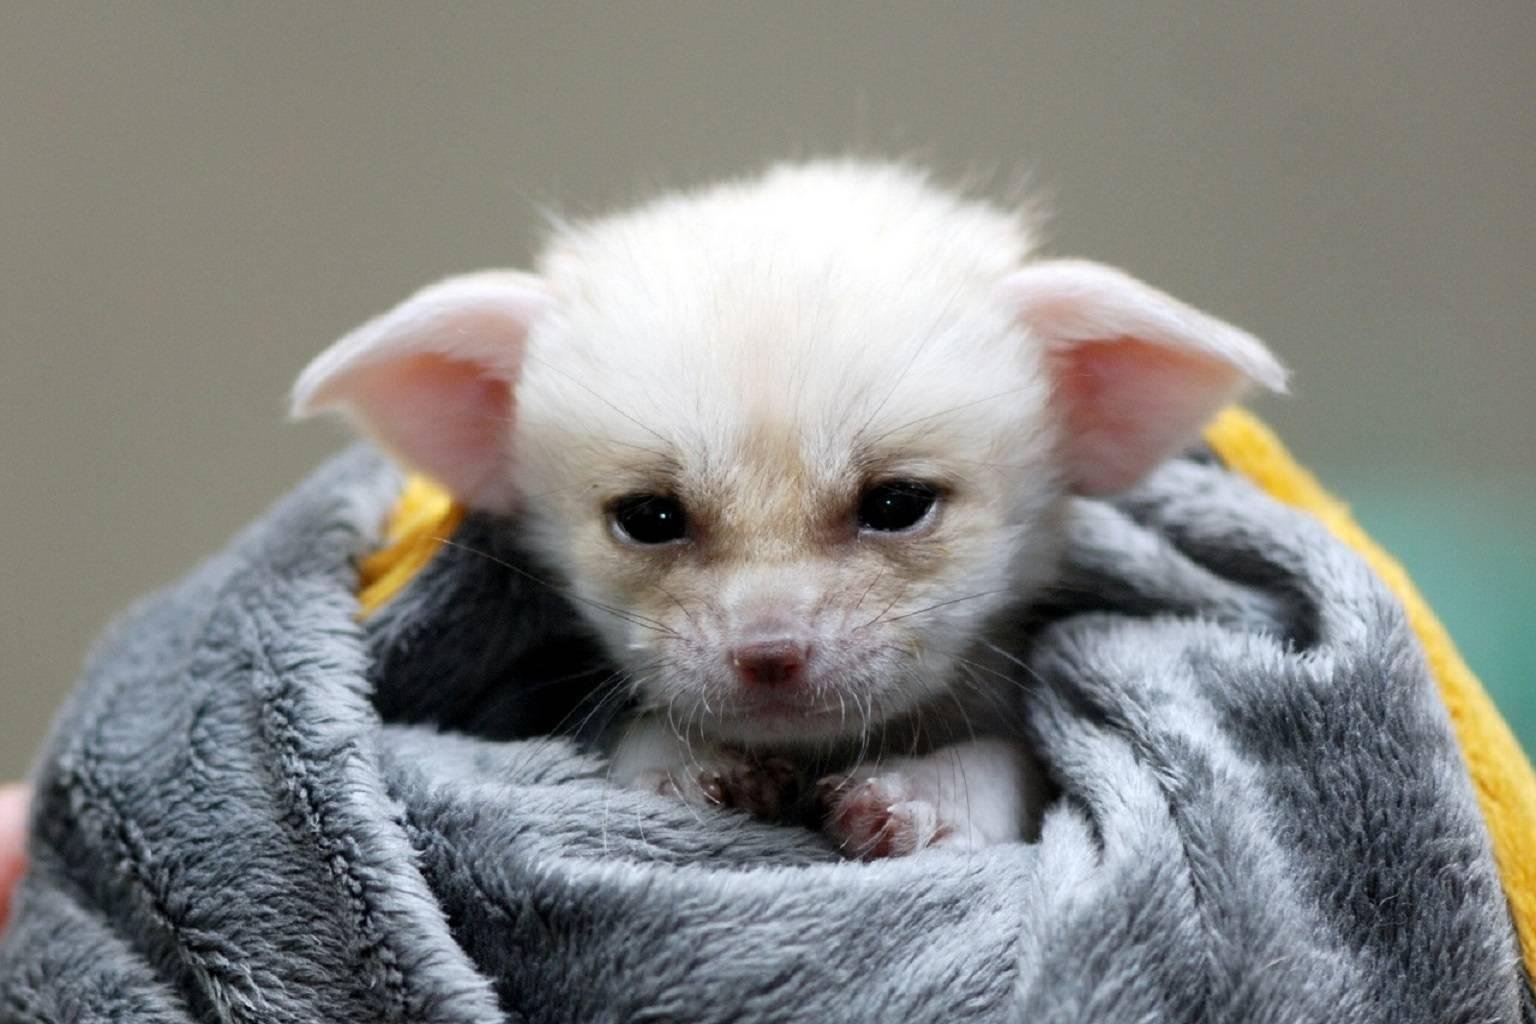 Yoda baby photo